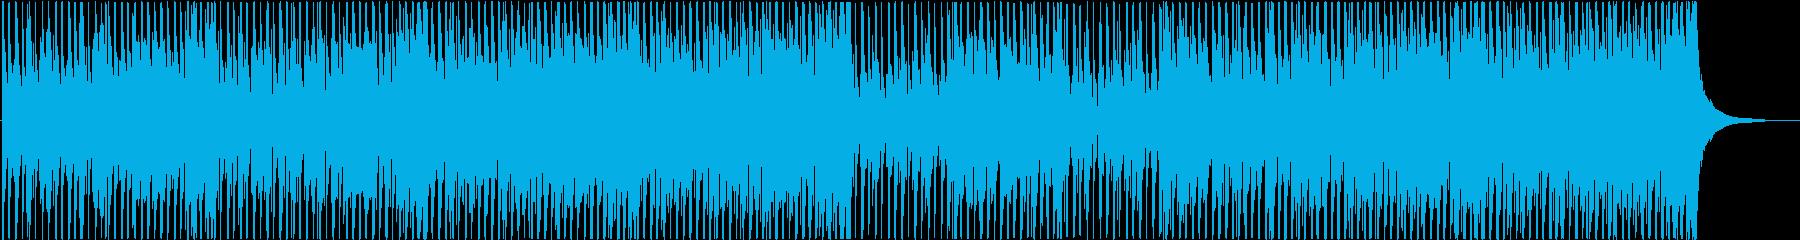 ハッピー、チルドレンの再生済みの波形